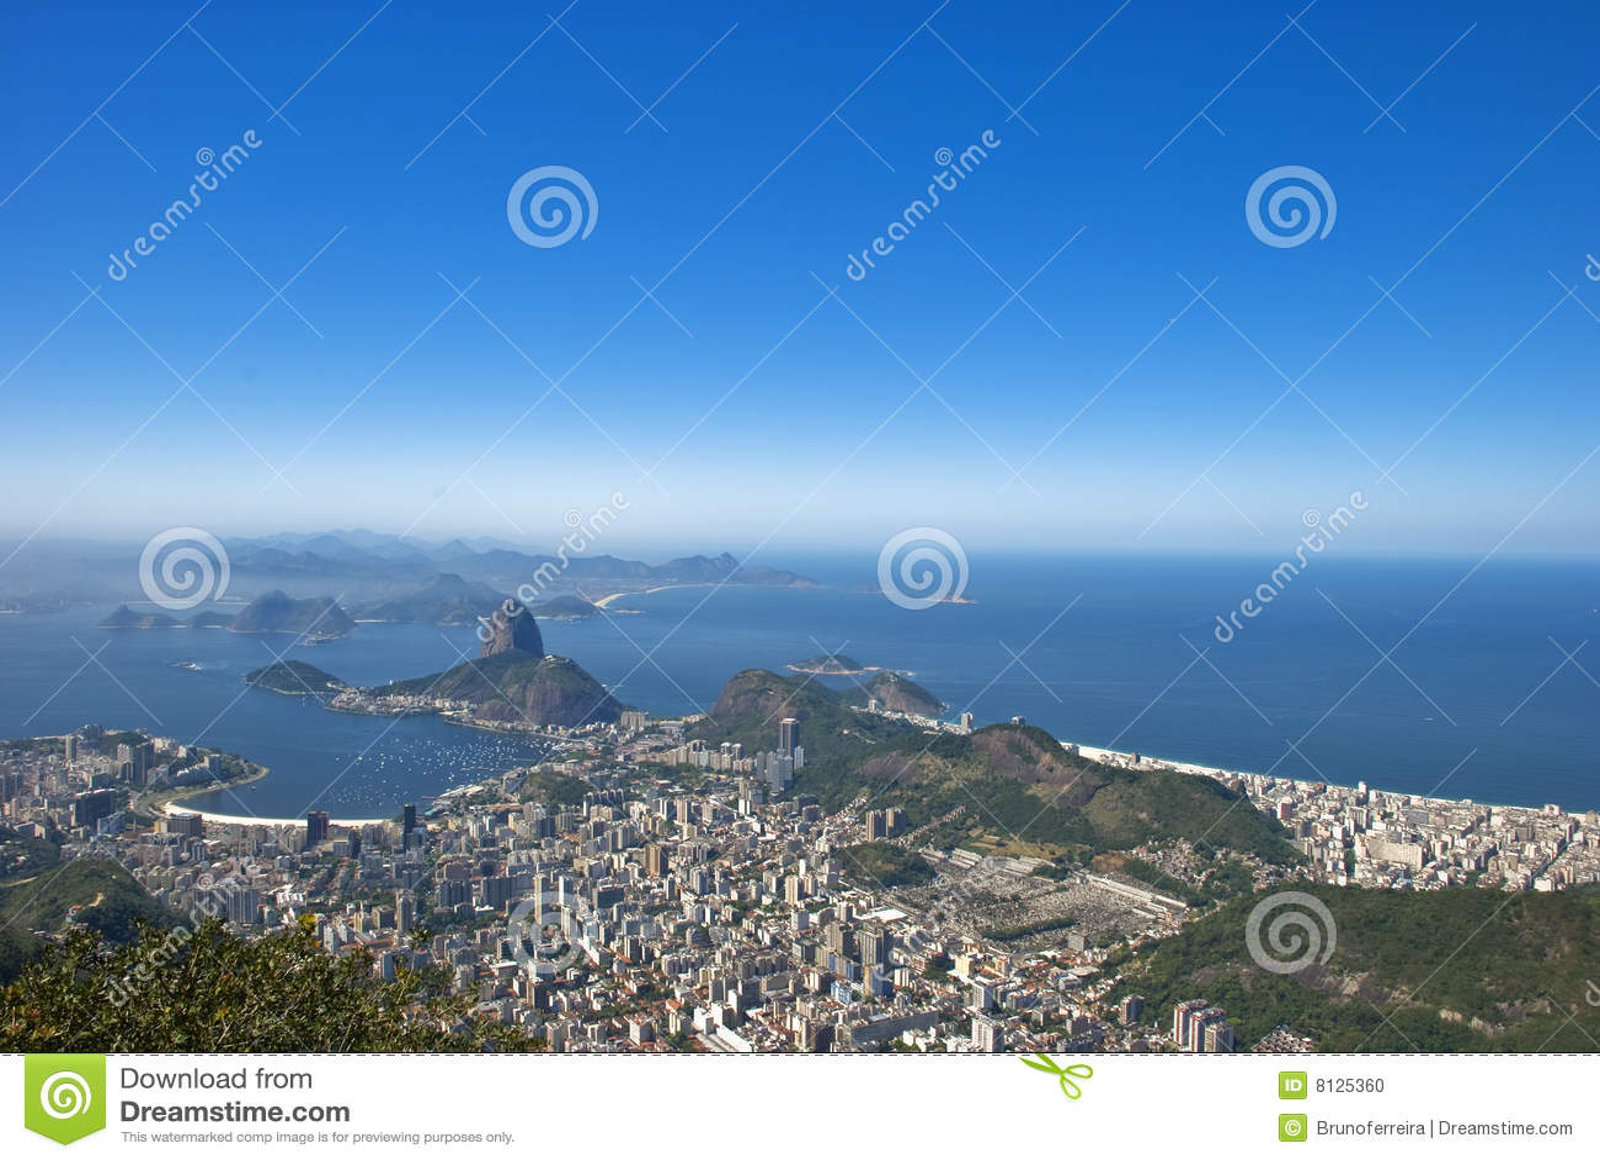 Janeiro Rio de de geography